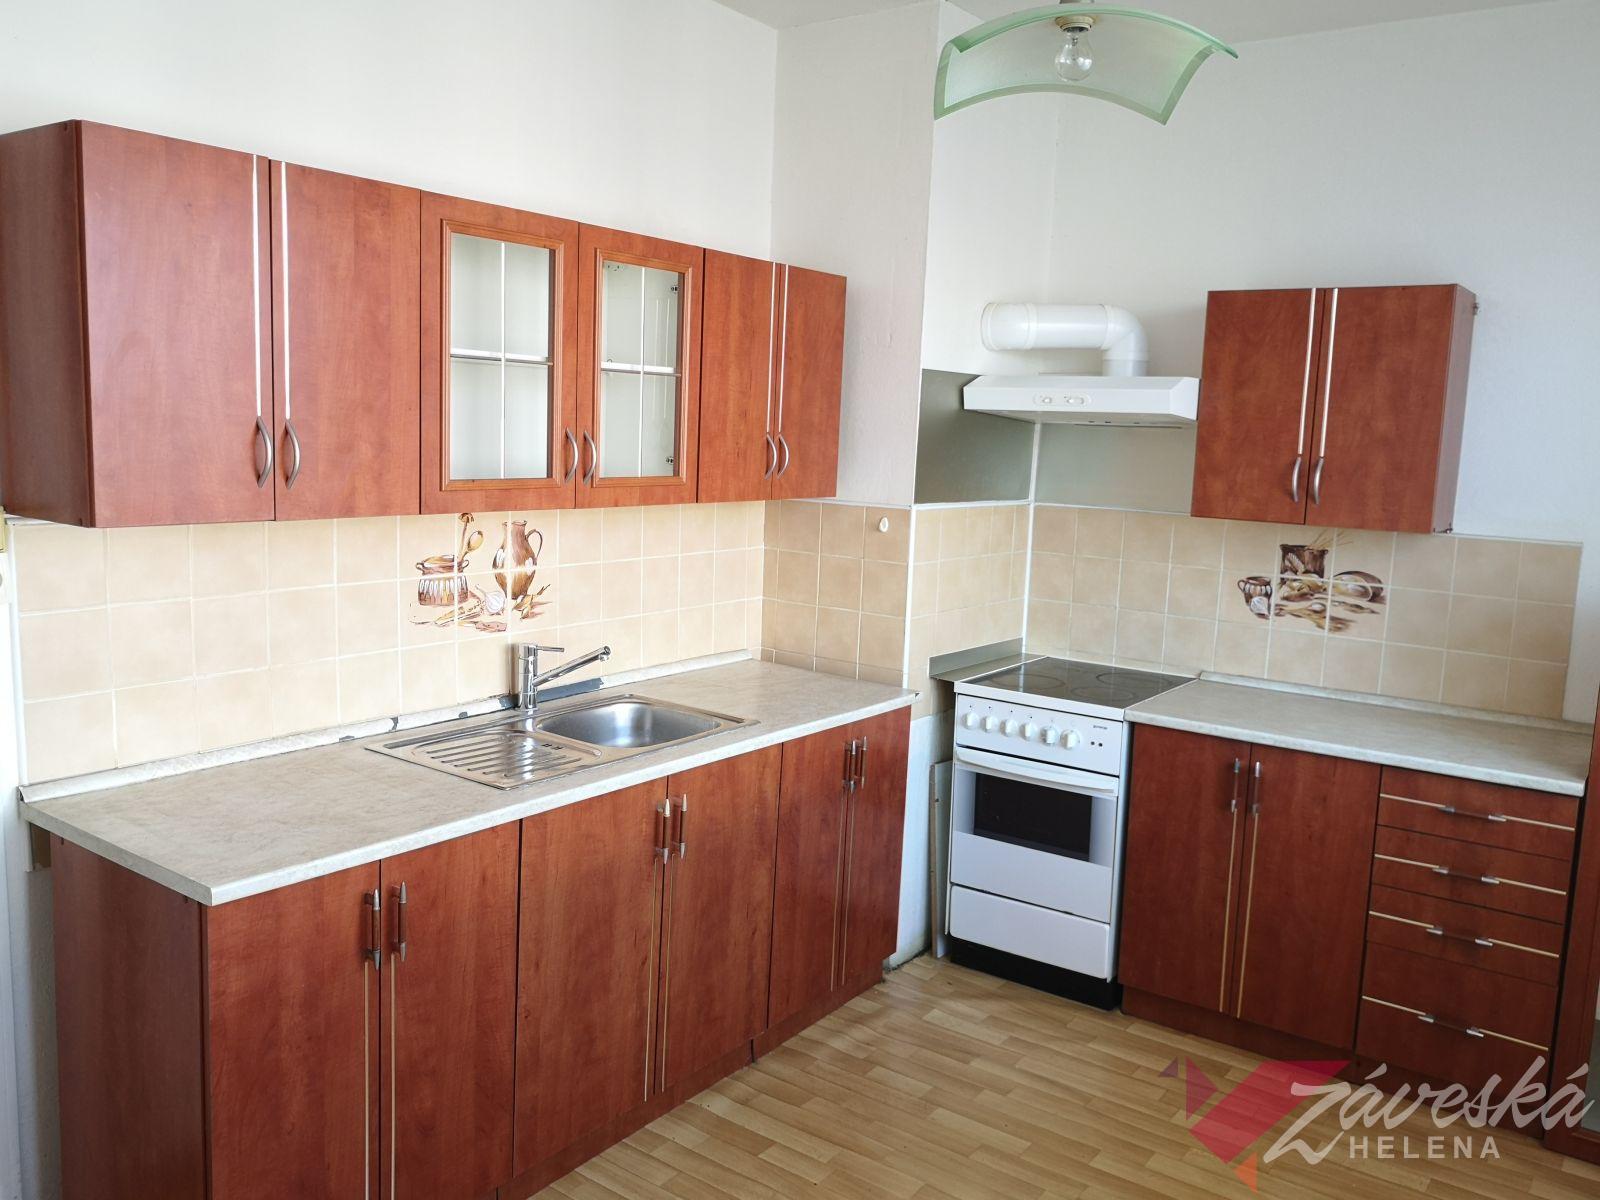 Pronájem, byt, 2+1, 44,55 m2, Liberec, Turnov, Příšovice